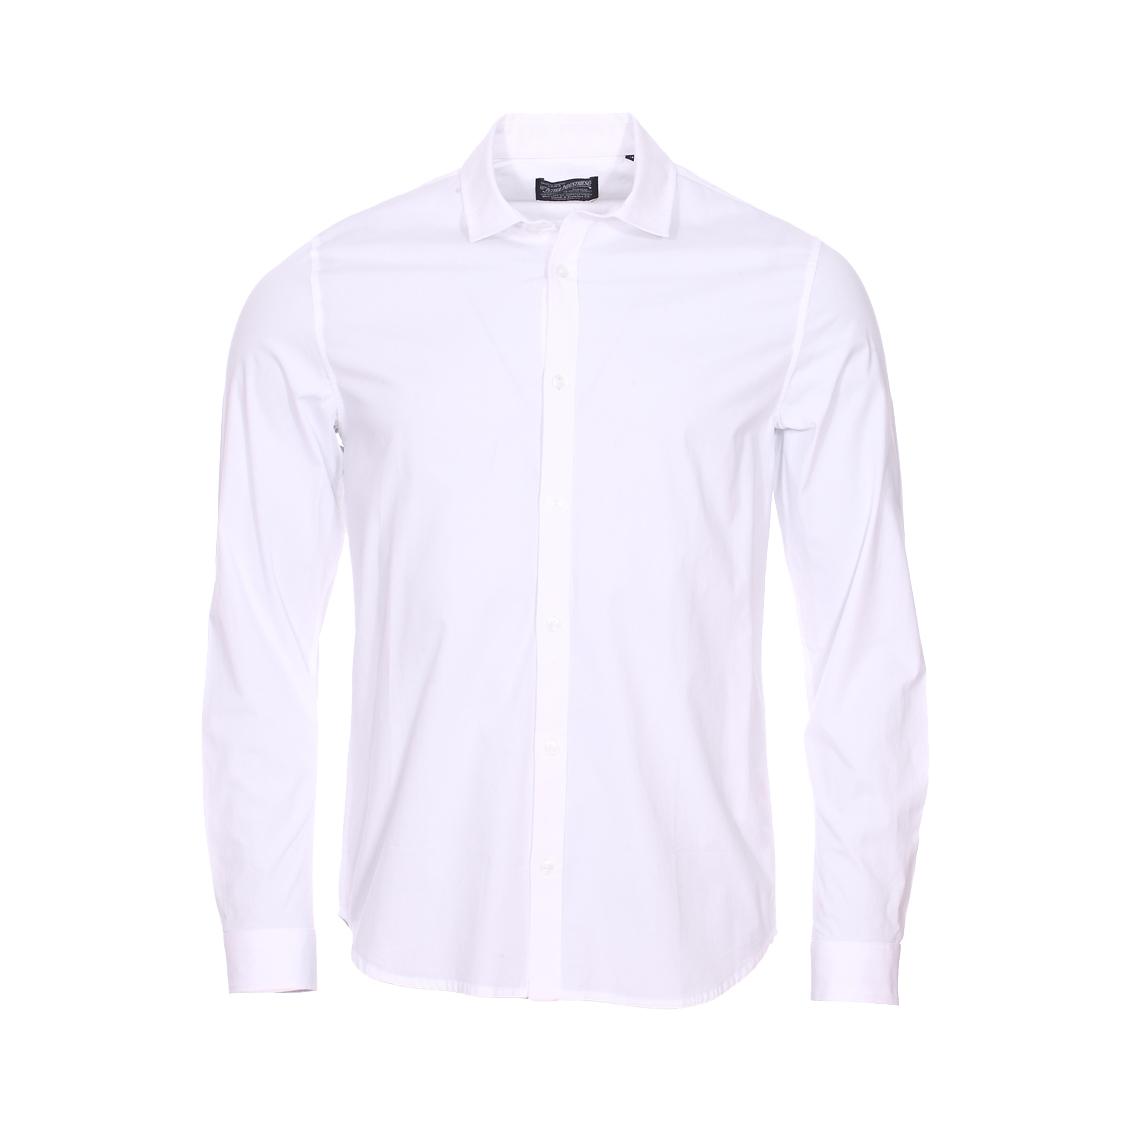 Chemise ajustée  en coton stretch blanc